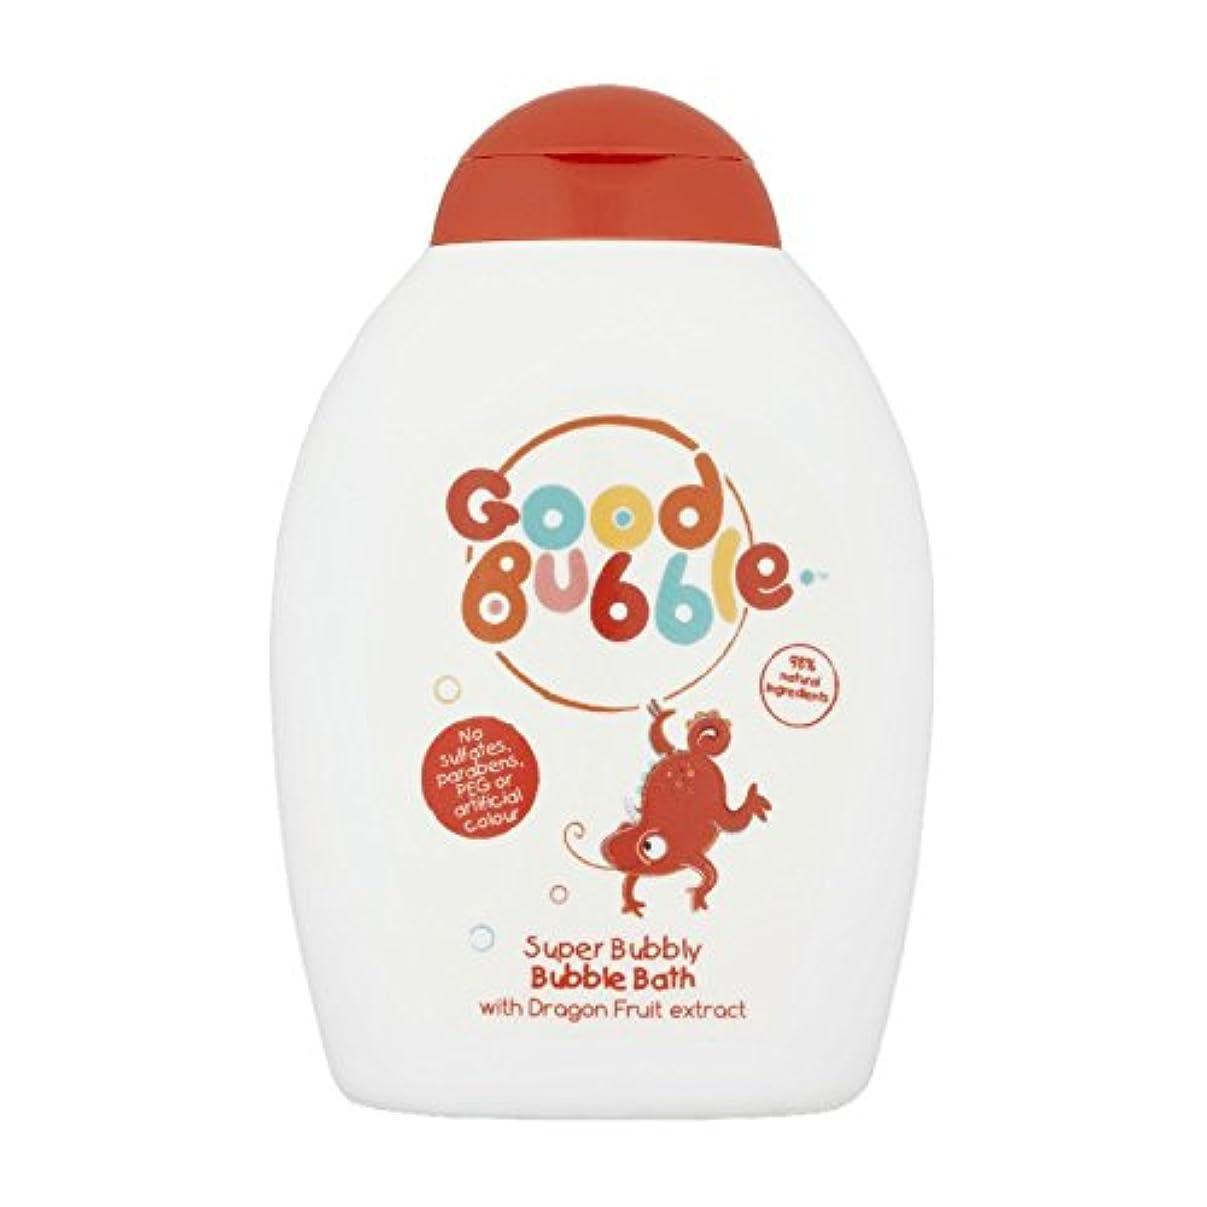 Good Bubble Dragon Fruit Bubble Bath 400ml (Pack of 6) - 良いバブルドラゴンフルーツバブルバス400ミリリットル (x6) [並行輸入品]